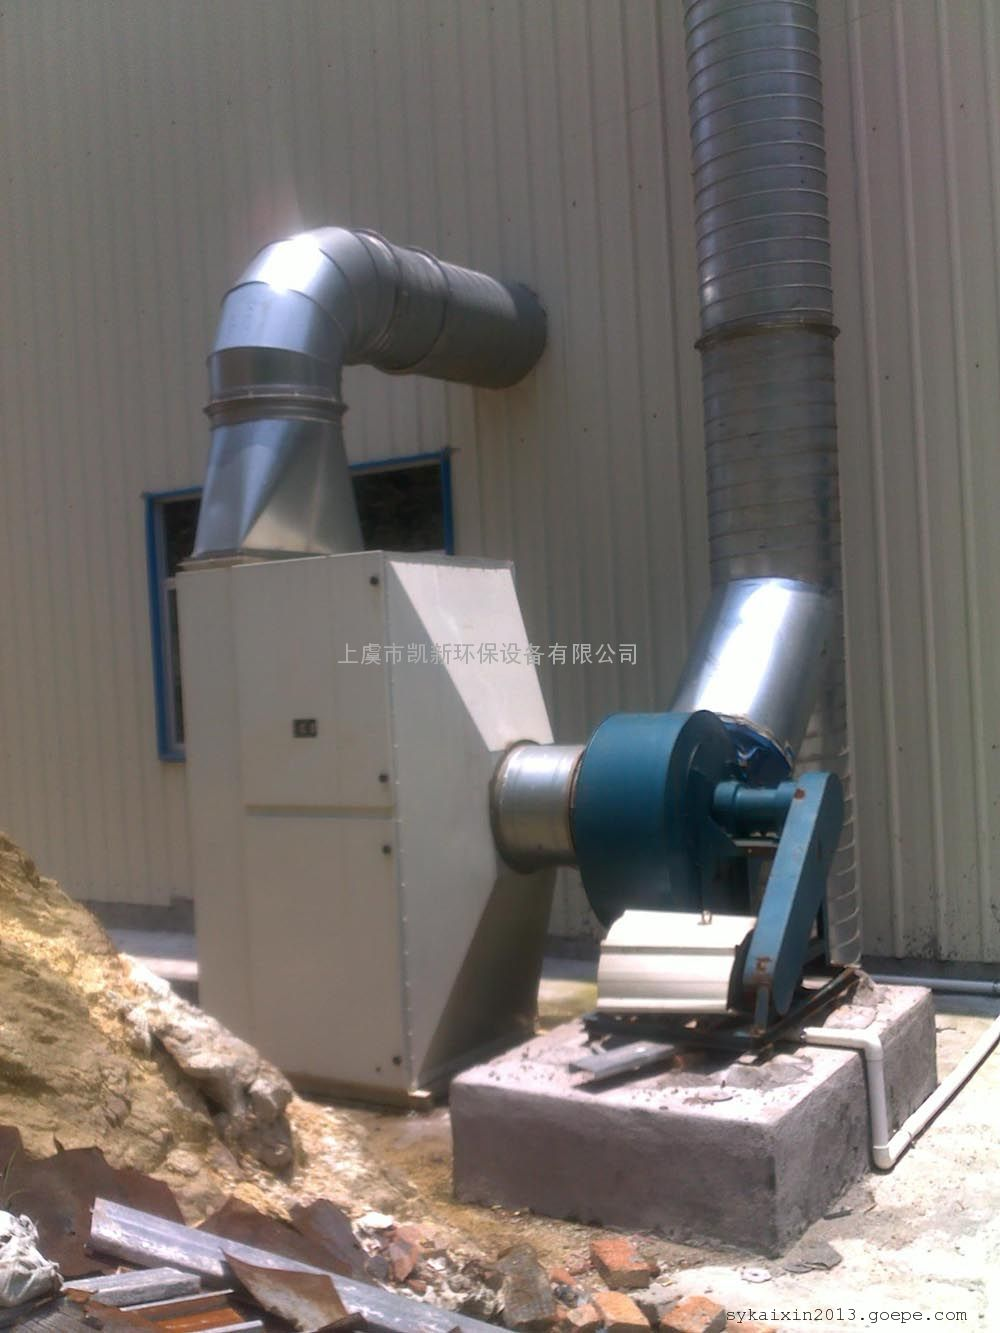 橡胶硫化废气处理,橡胶密炼混炼废气收集吸附净化设备